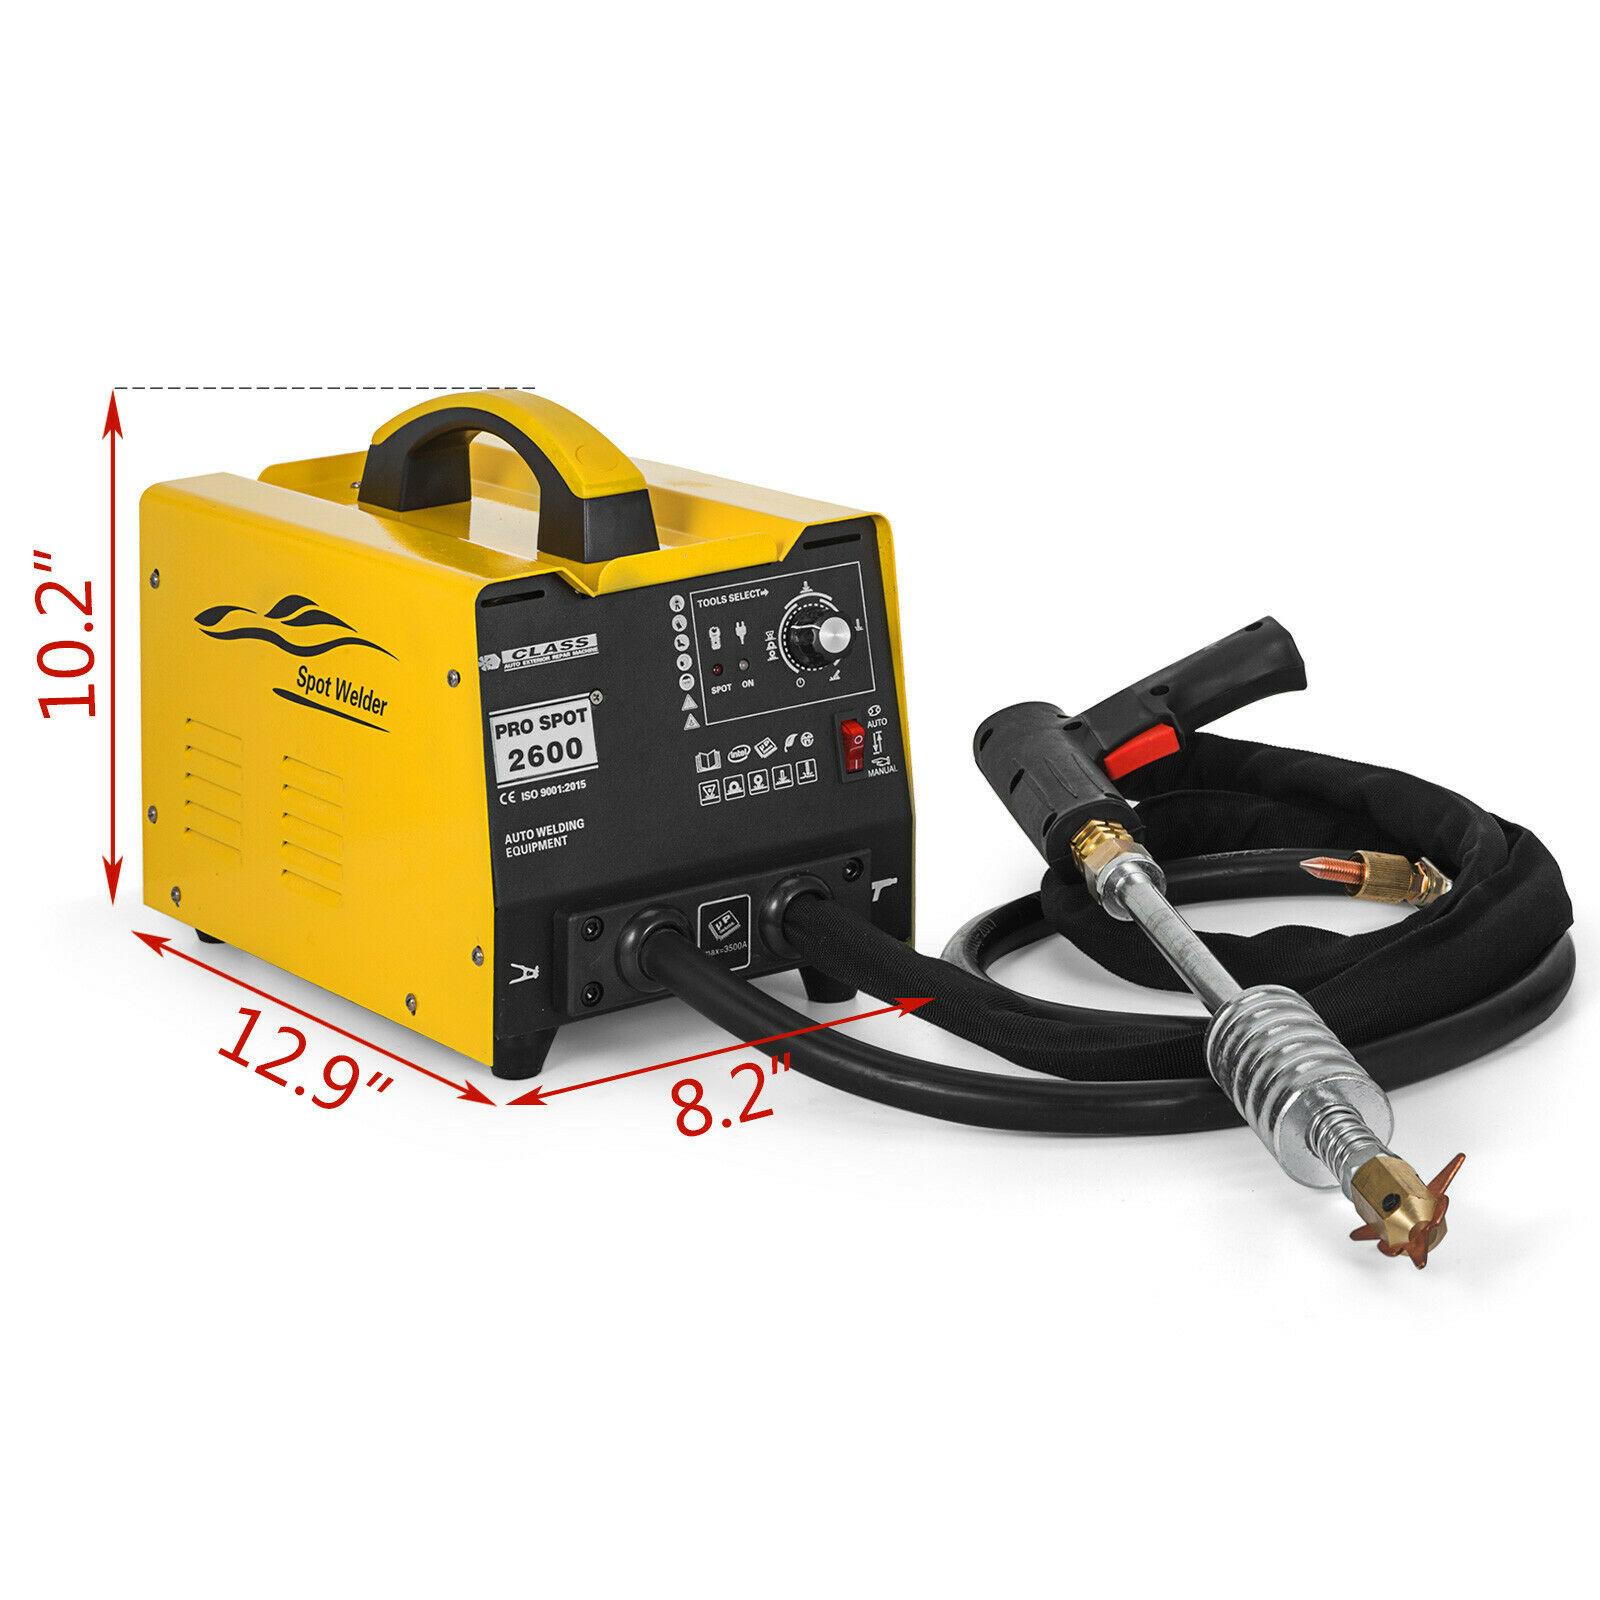 طقم إصلاح دنت 220 فولت ، نقطة سحب ، متعدد النقاط ، إصلاح انبعاجات السيارة ، آلة لحام المعادن